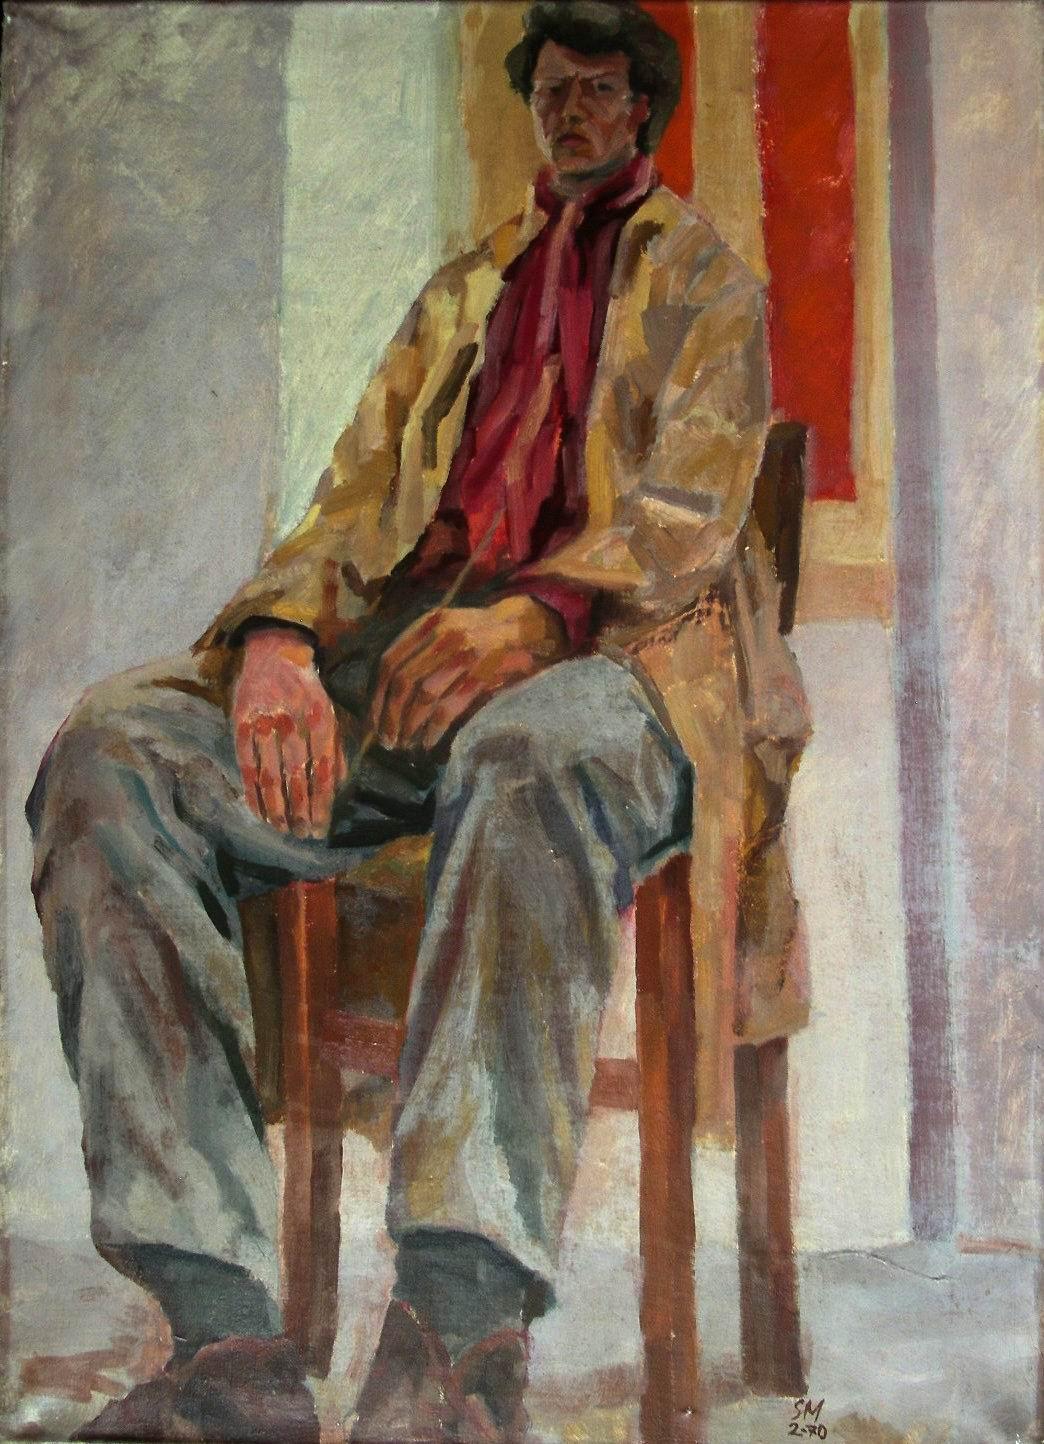 1970-3-autoritratto-seduto-con-finestra-rossa-cm70x50-0-27